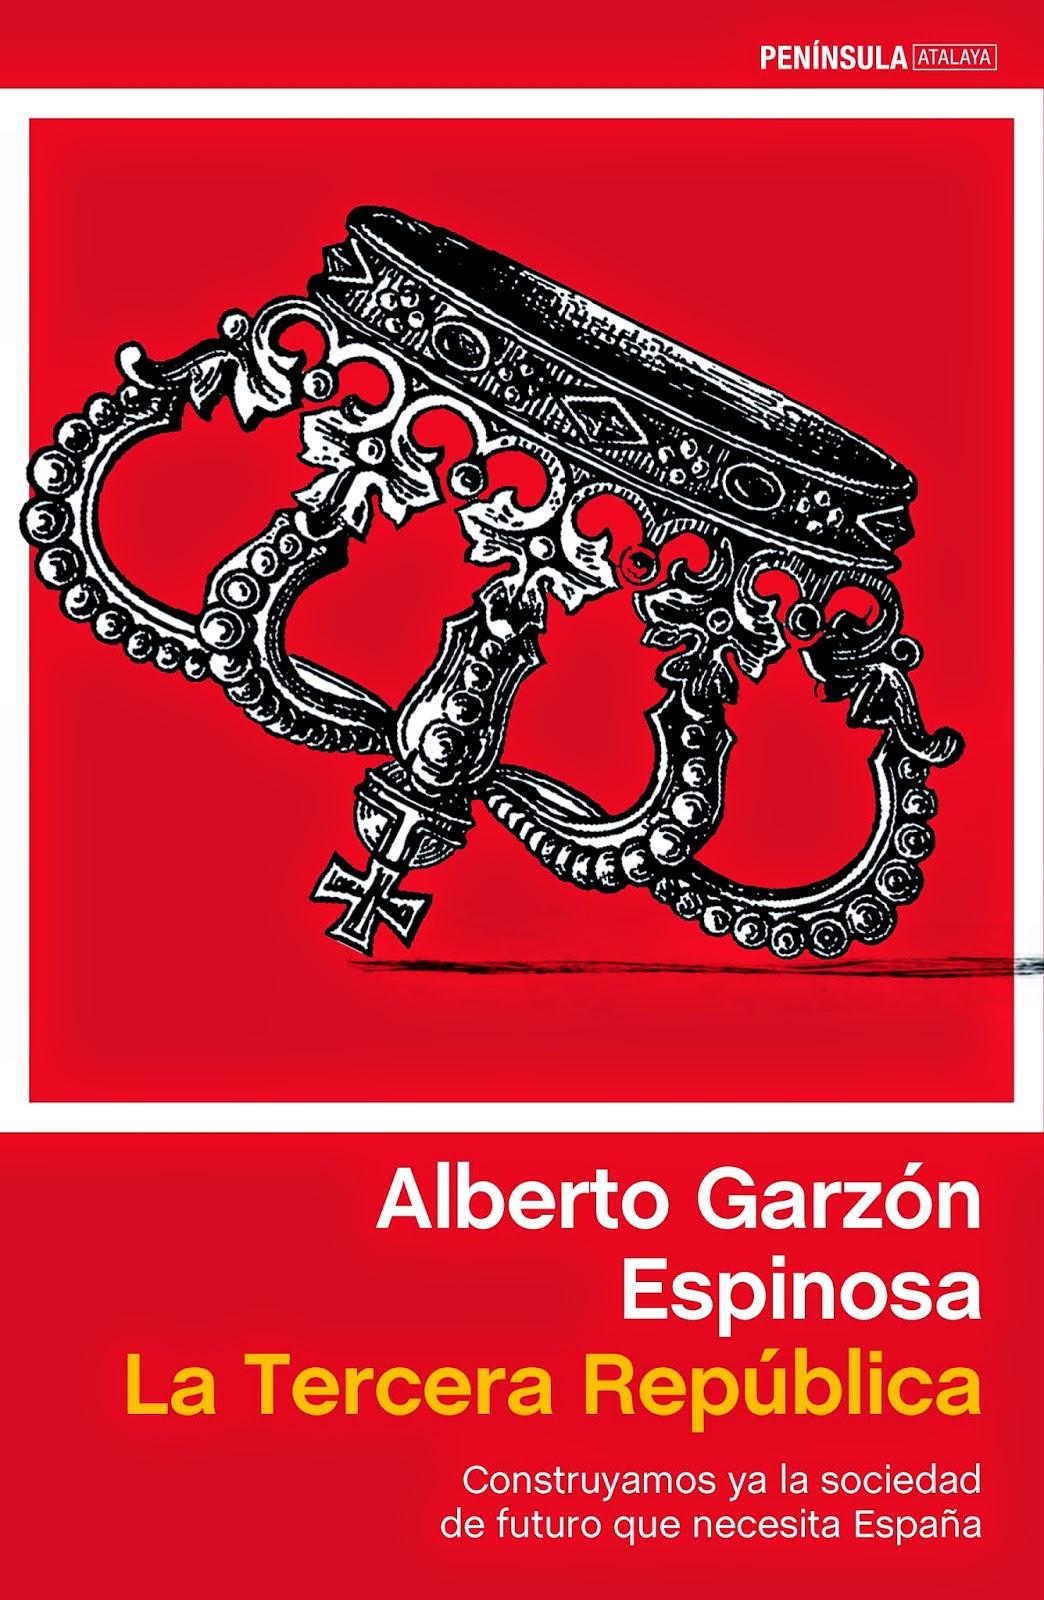 republicanismo, Garzón, corrupción, socialismo, Robespierre